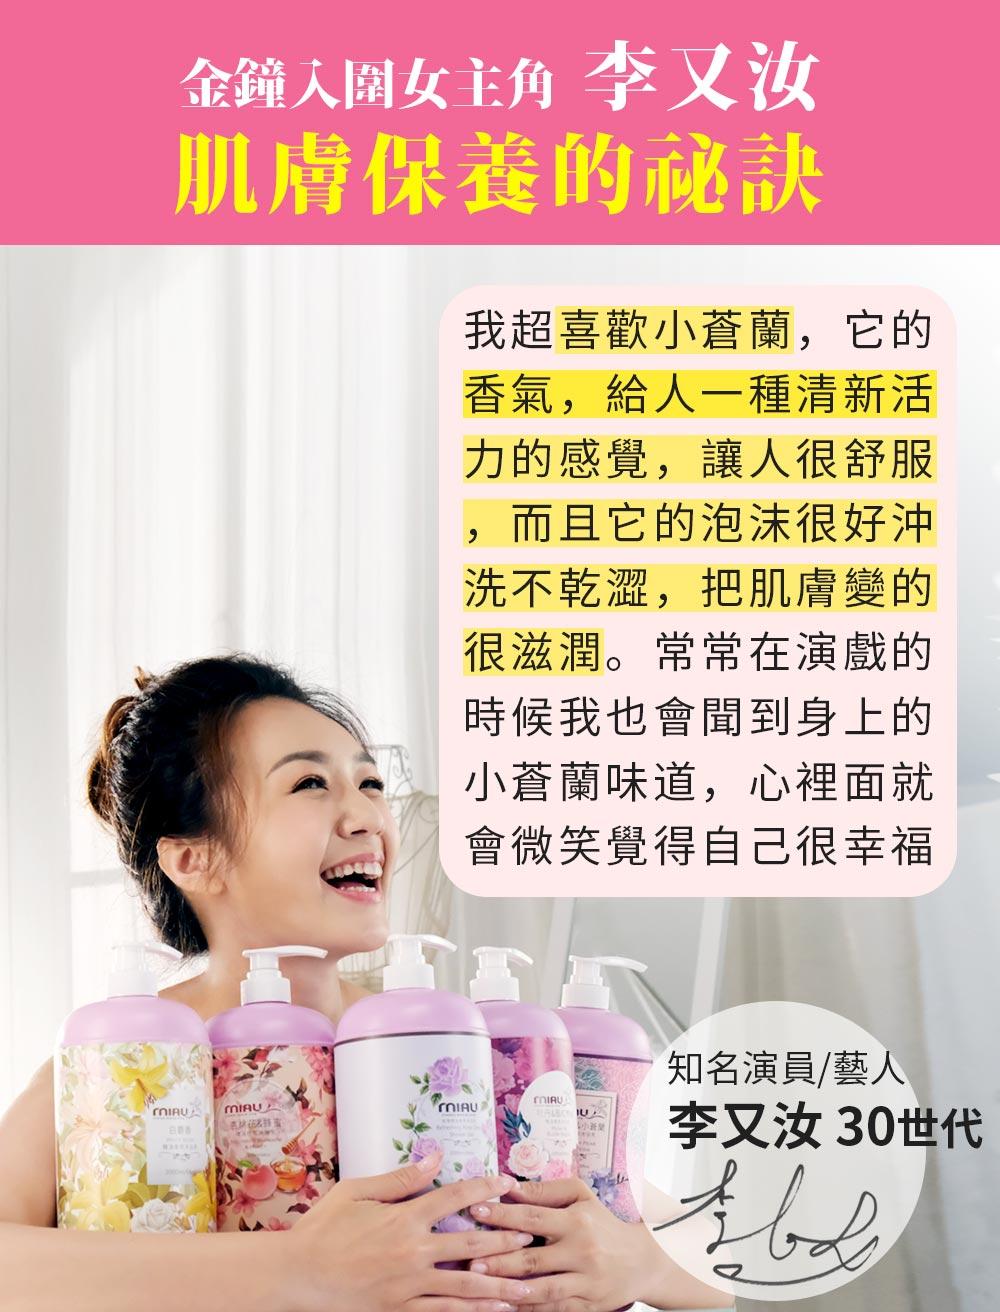 18-李又汝肌膚保養的祕訣